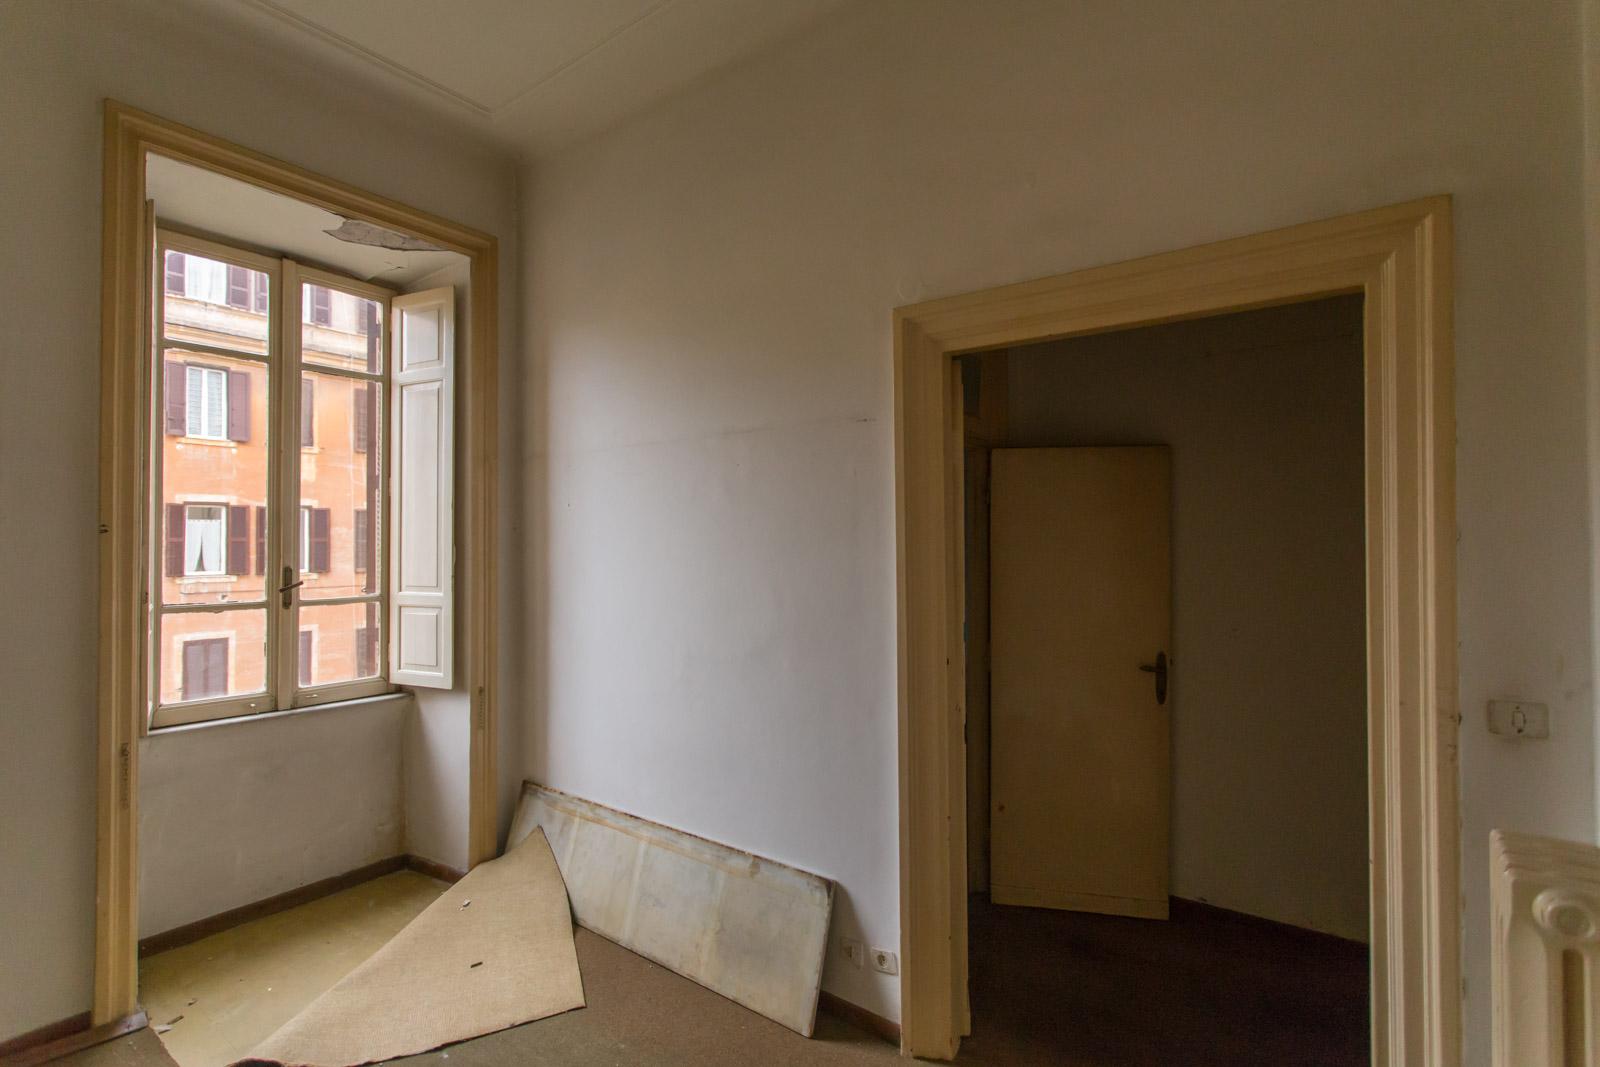 Camera Blu Casa-N Prima dei lavori di Restauro e Interior Design